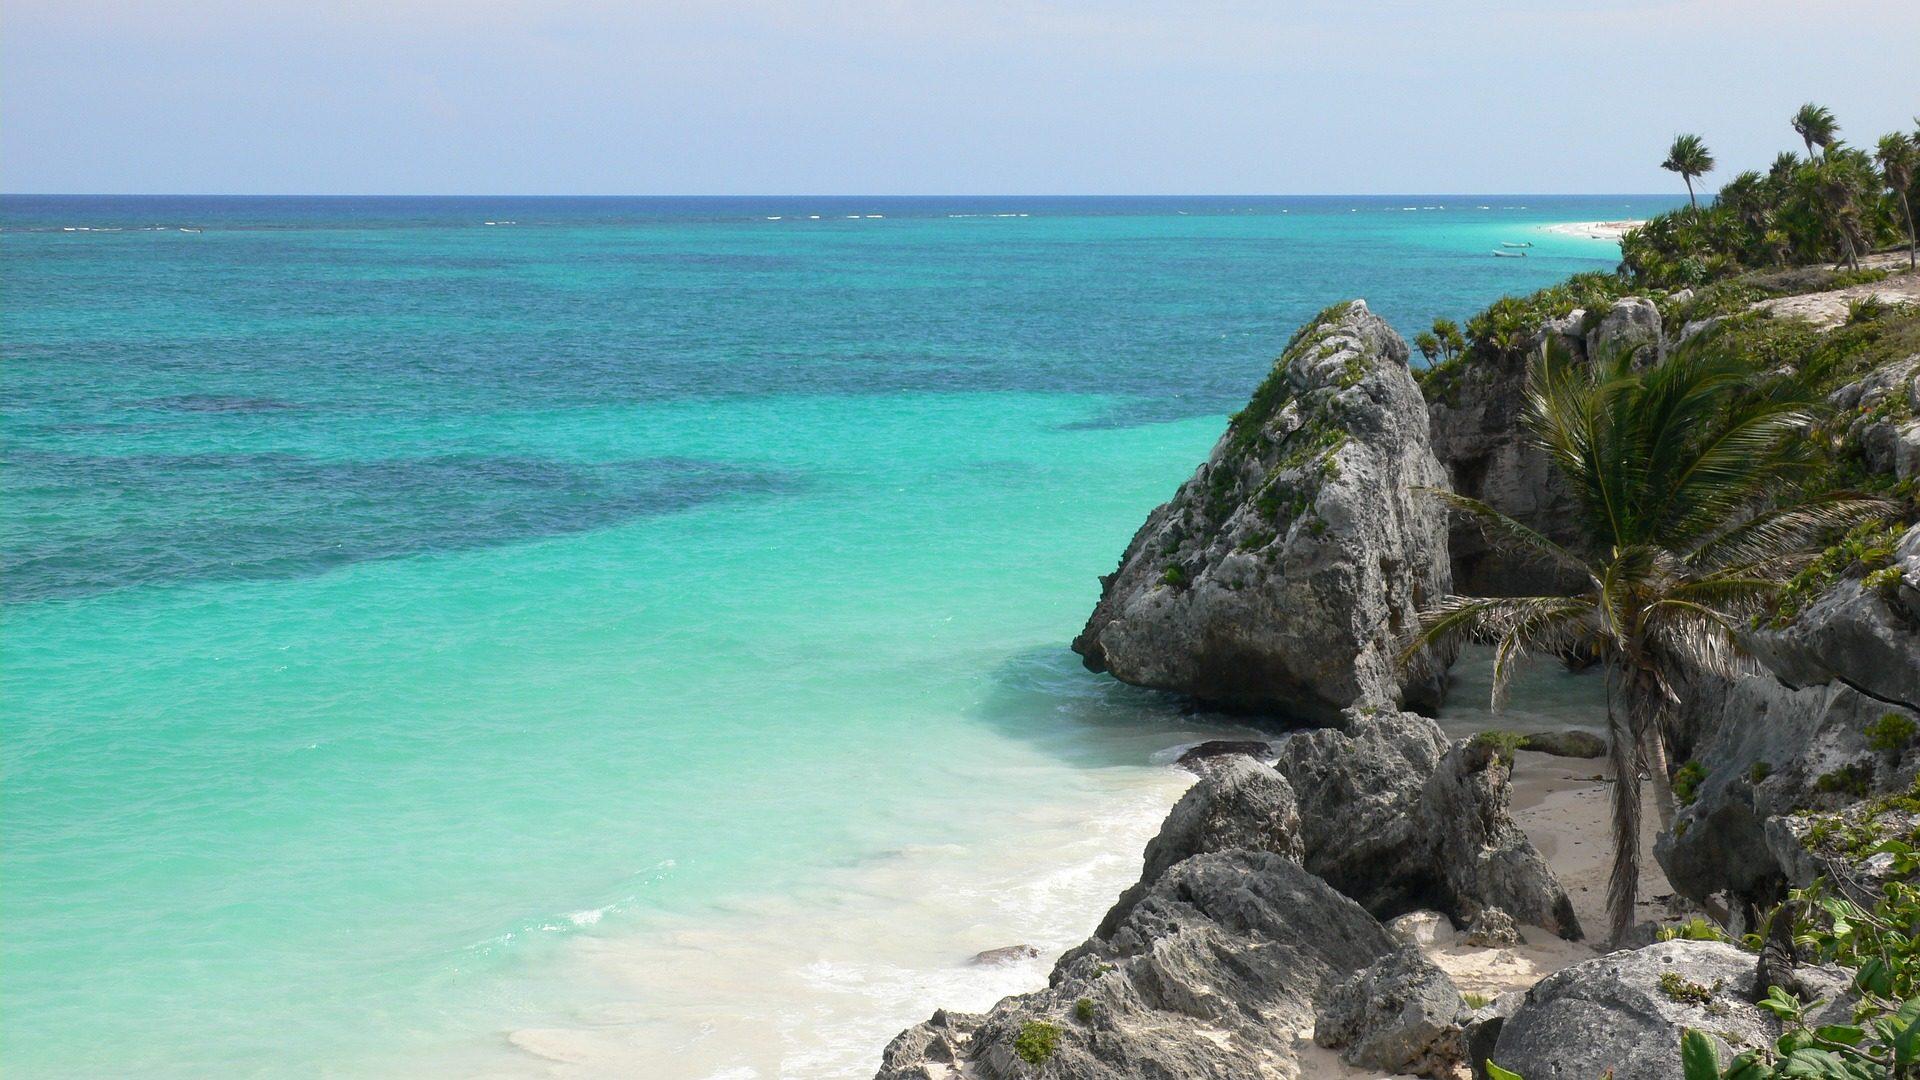 सागर, समुद्र तट, मरकत, स्वर्ग, Rocas, ताड़ के पेड़, क्षितिज - HD वॉलपेपर - प्रोफेसर-falken.com